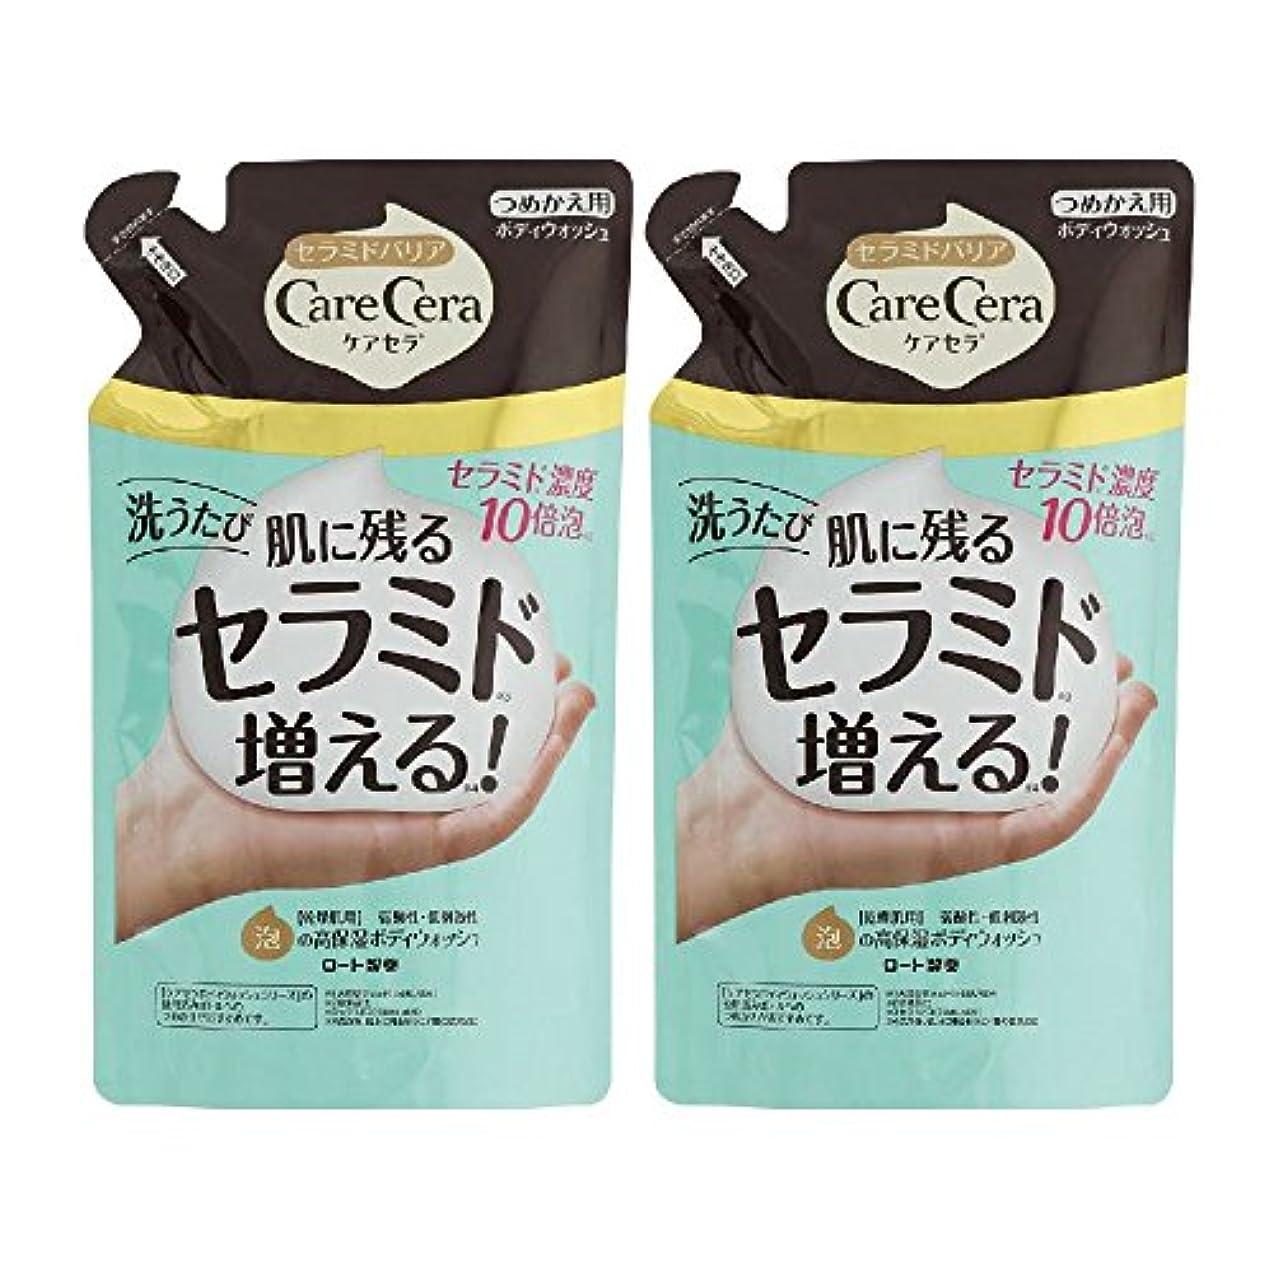 確立パキスタン純度ケアセラ(CareCera) ケアセラ (CareCera) 泡の高保湿 ボディウォッシュ ピュアフローラルの香り (つめかえ用) ※セバメドモイスチャーローション10mlサンプル付き 350mL×2個 +サンプル付き